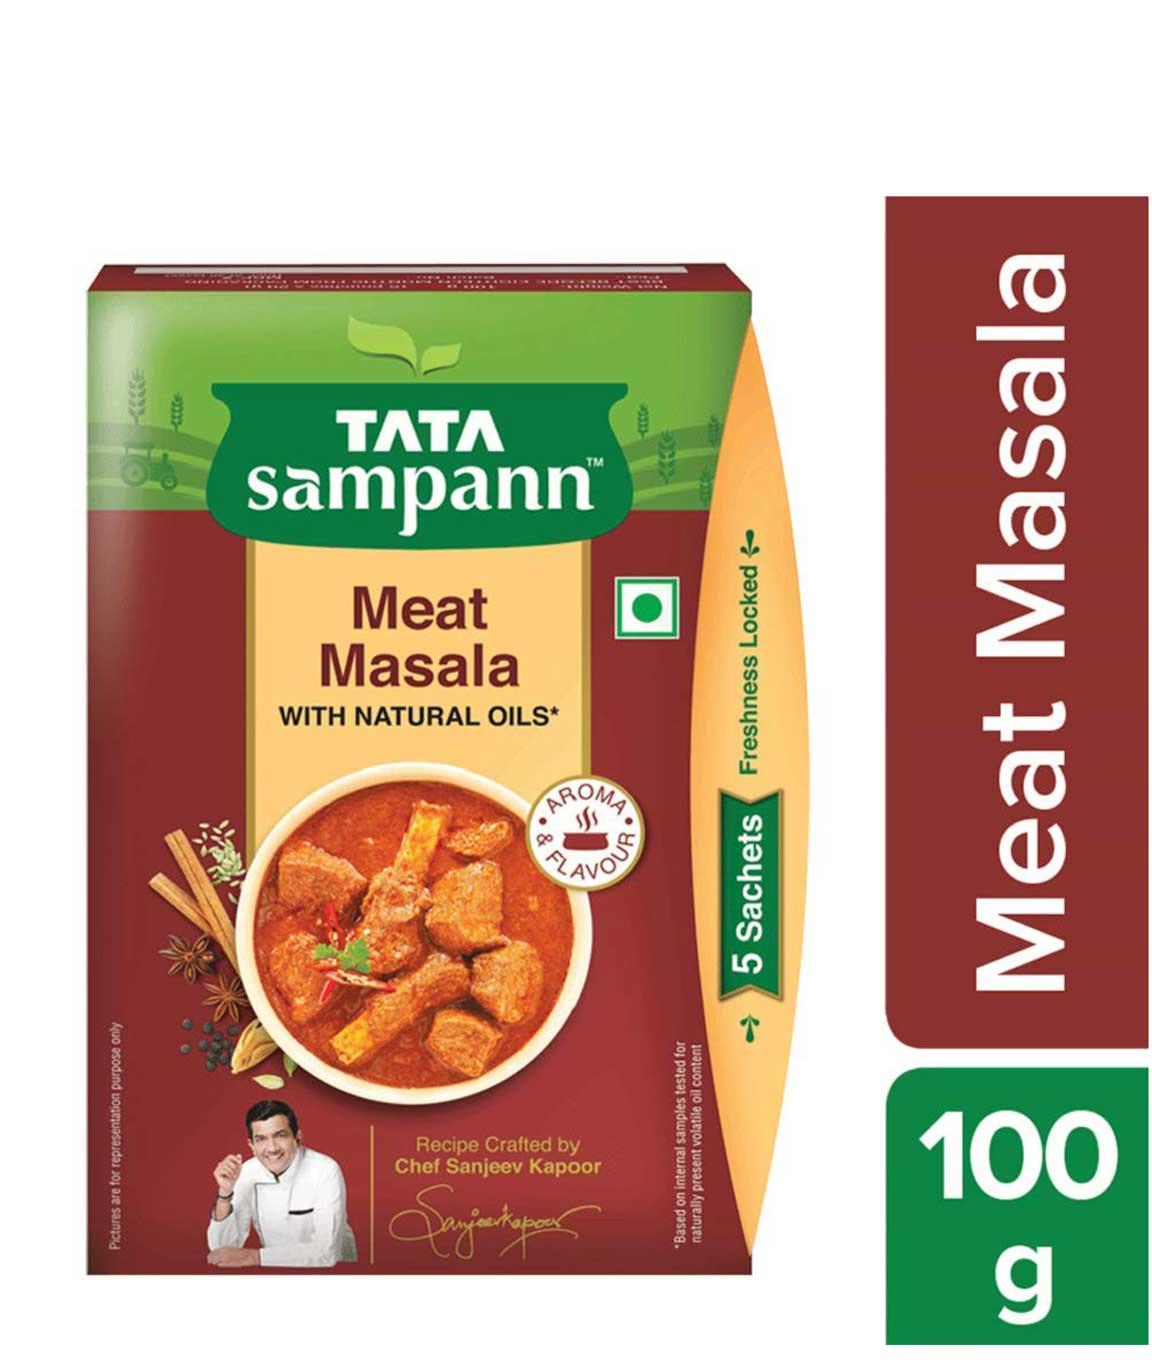 Tata Sampann Meat Masala, 100gm